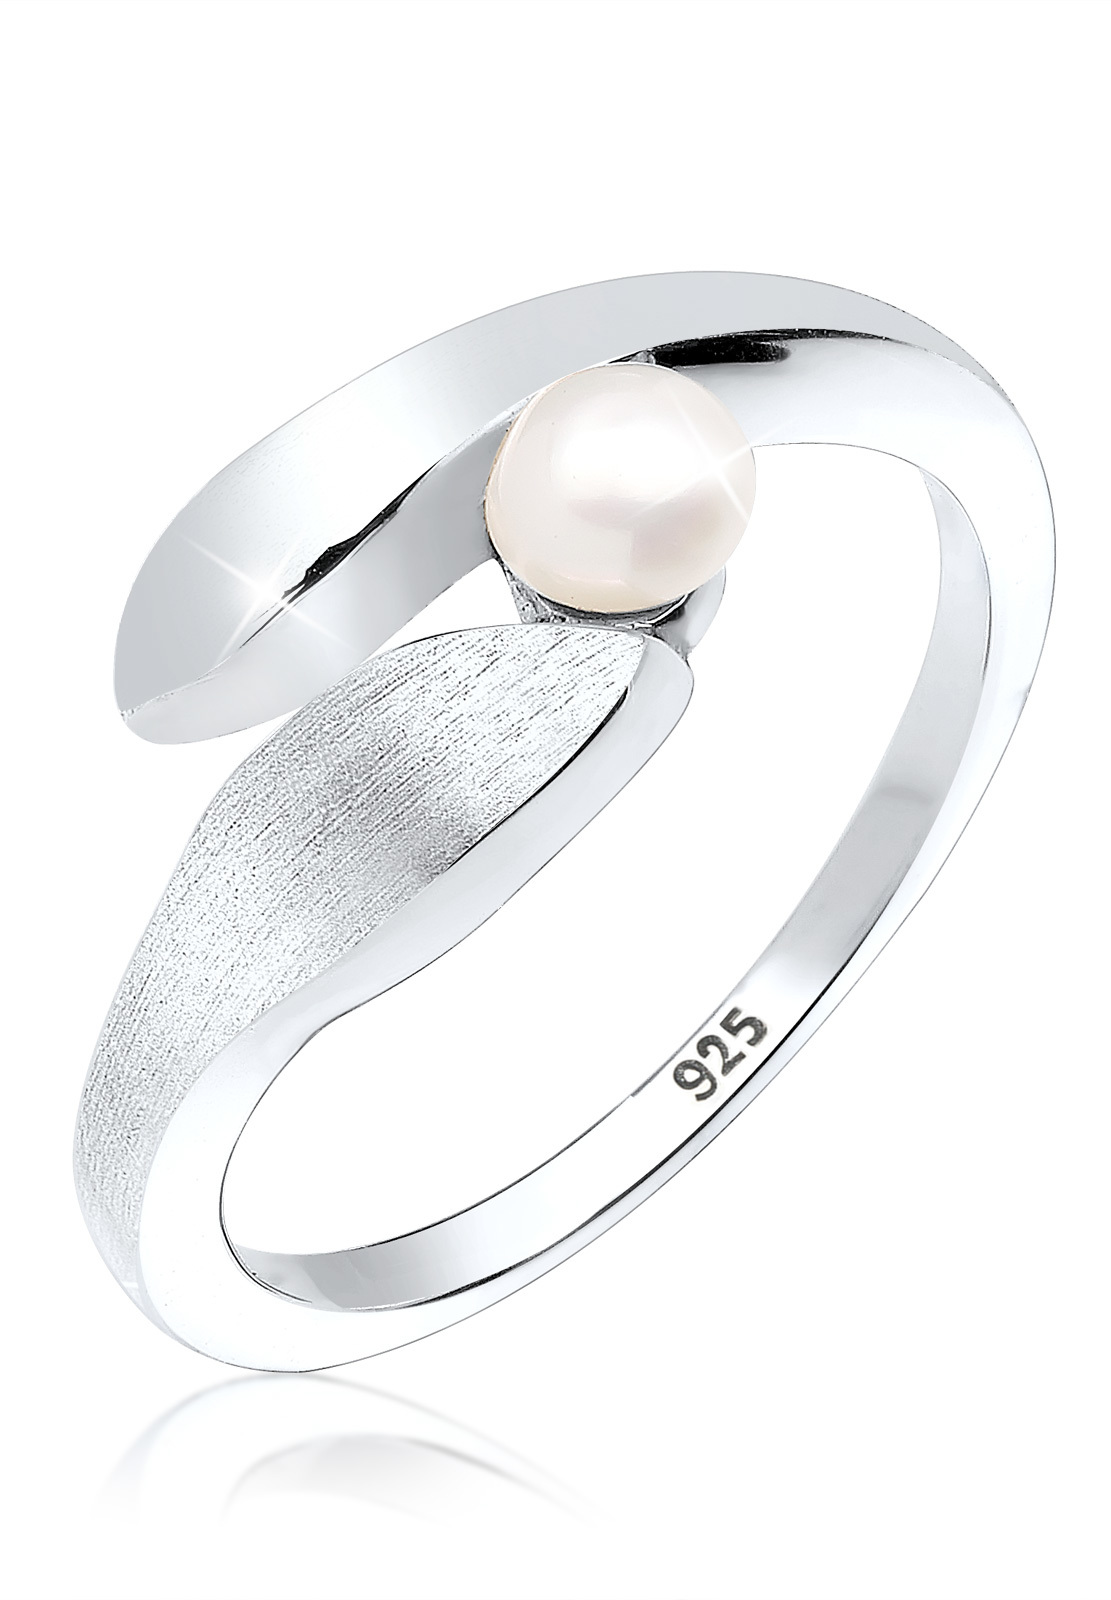 Ring   Süßwasserperle   925er Sterling Silber